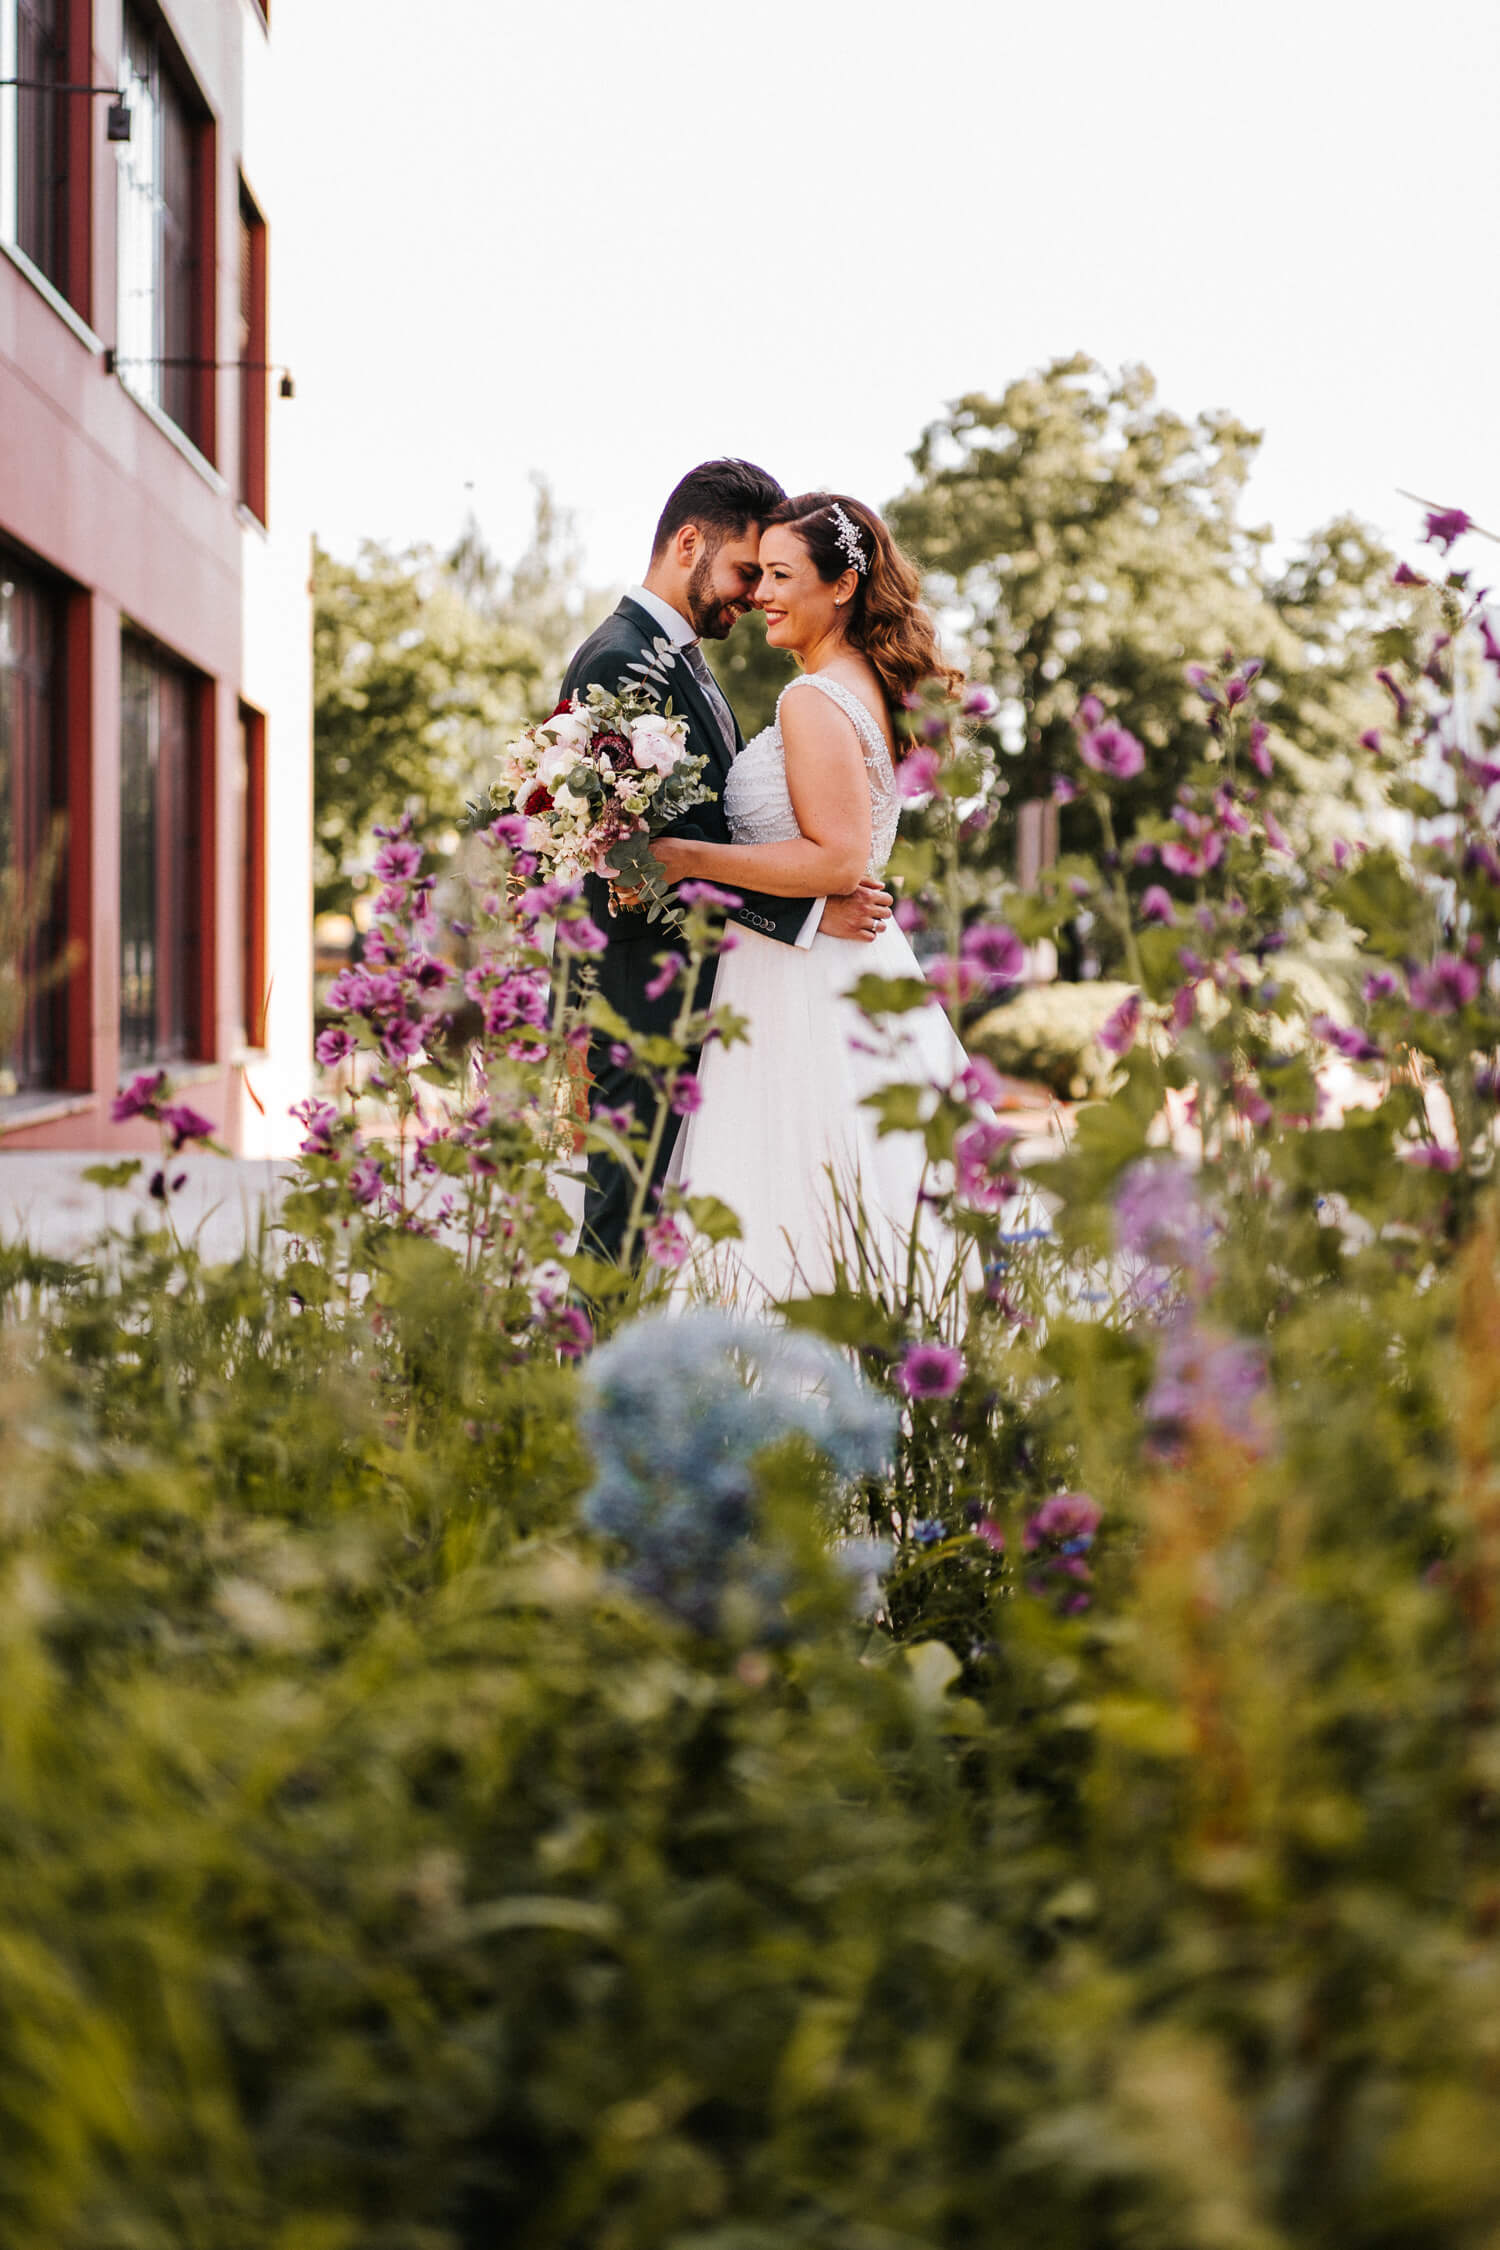 Hochzeitsfotograf Koeln www.stefanochiolo.de 2 von 4  – gesehen bei frauimmer-herrewig.de